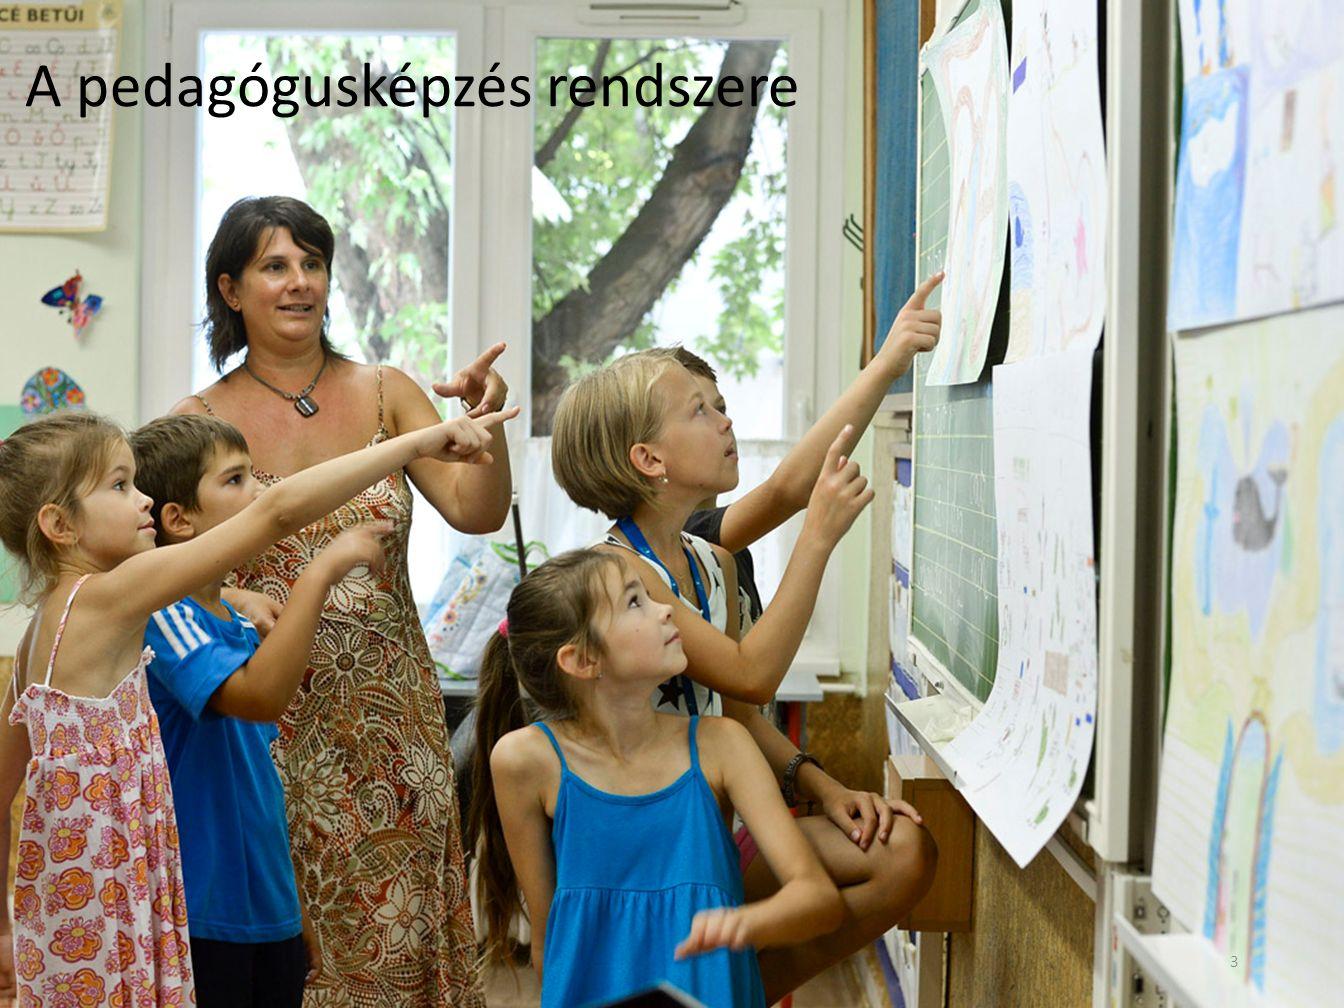 3 A pedagógusképzés rendszere